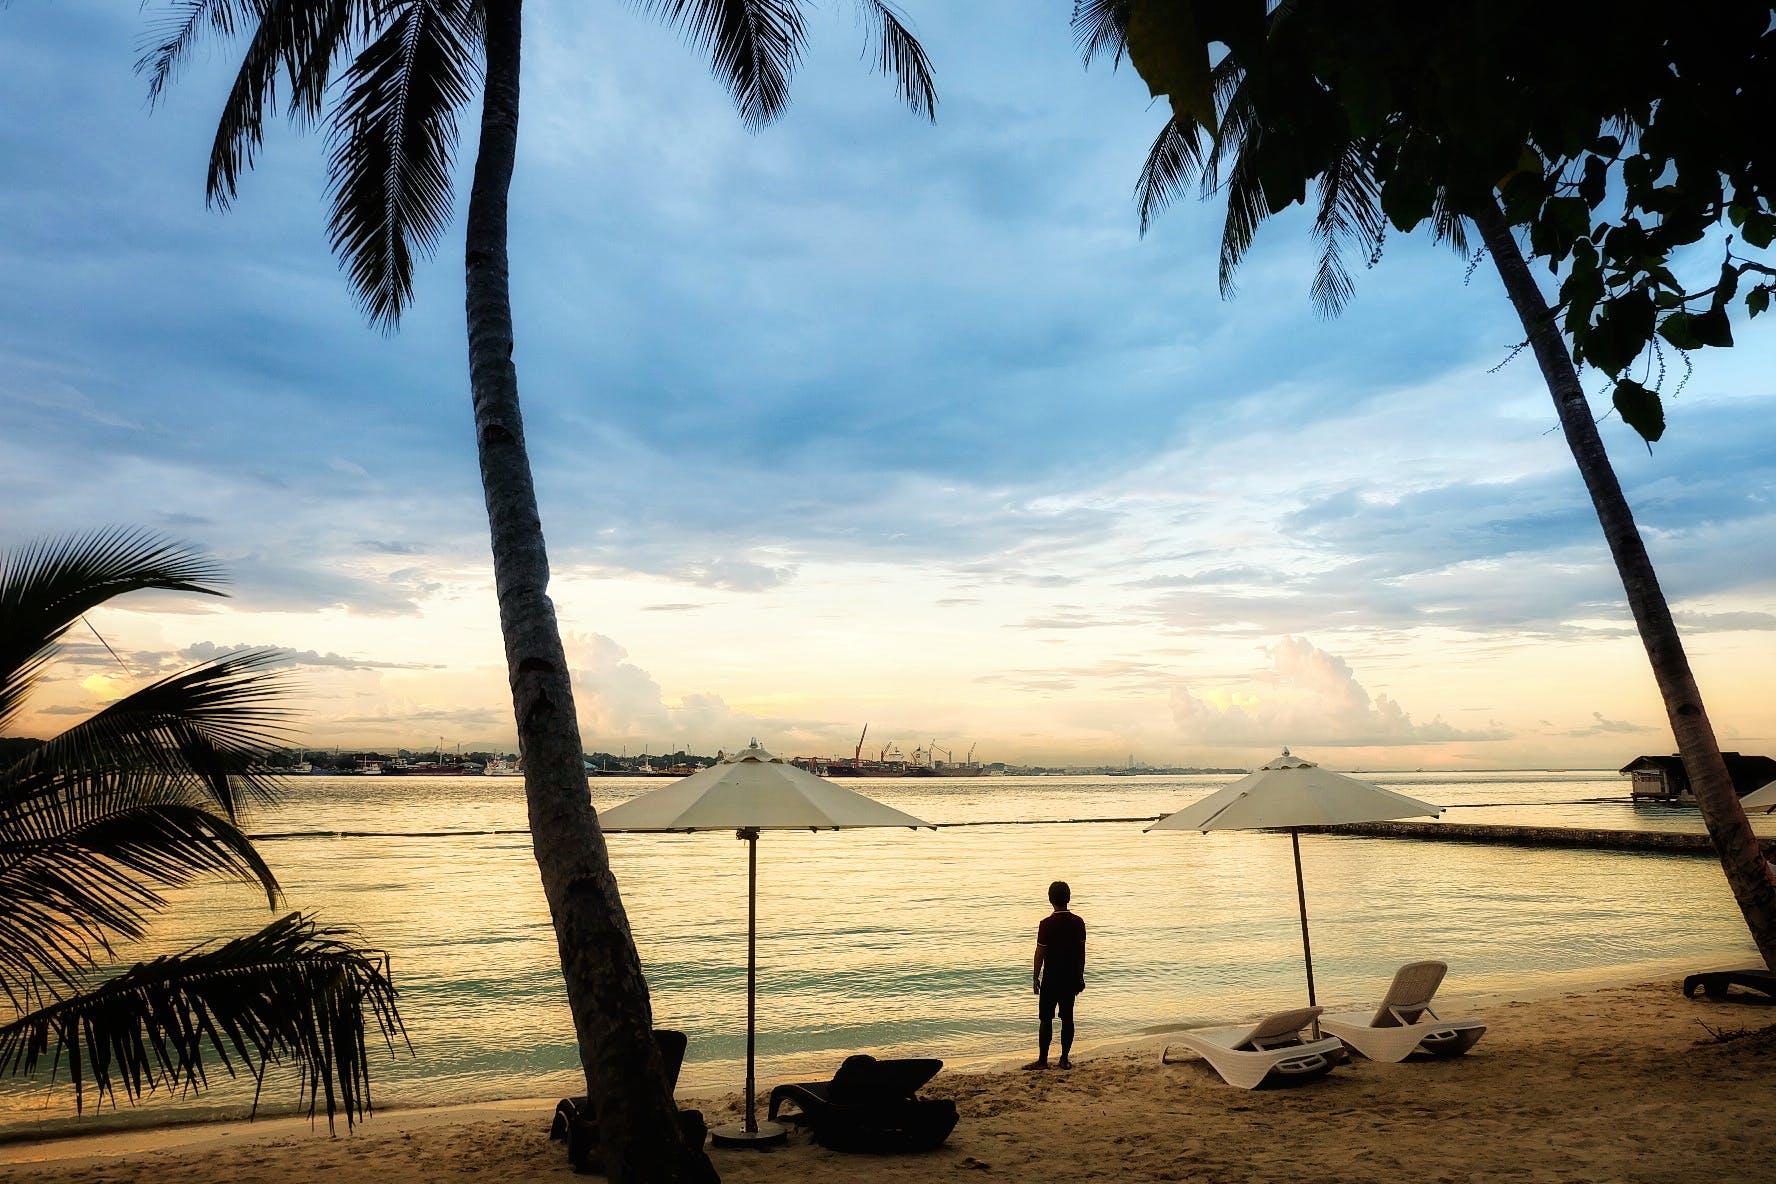 Free stock photo of beach, Philippines, sunset, view